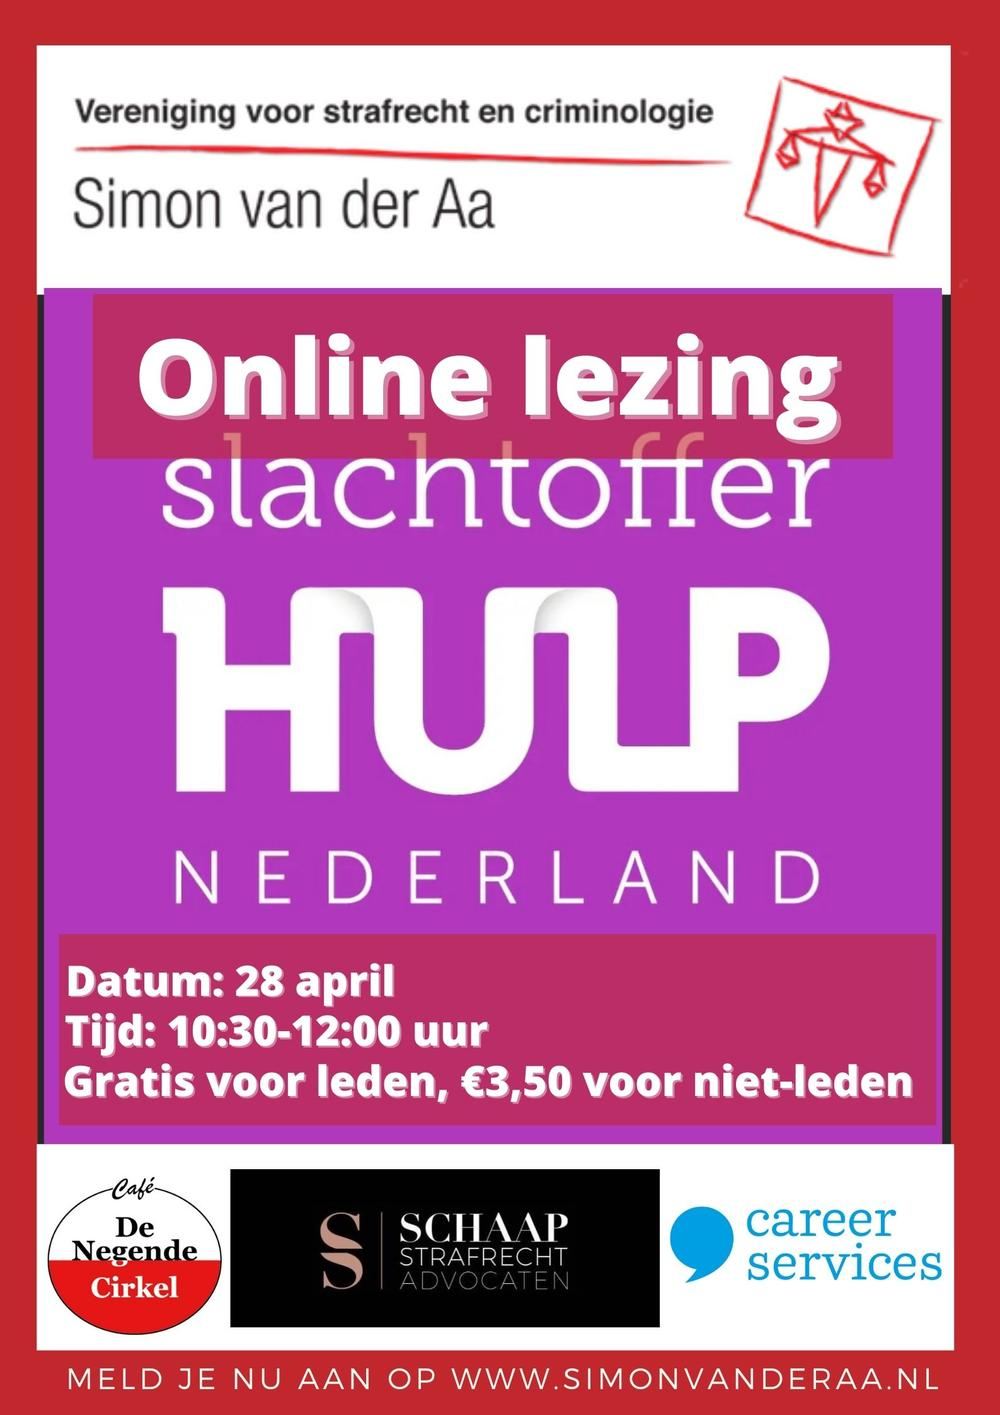 Online lezing Slachtofferhulp Nederland